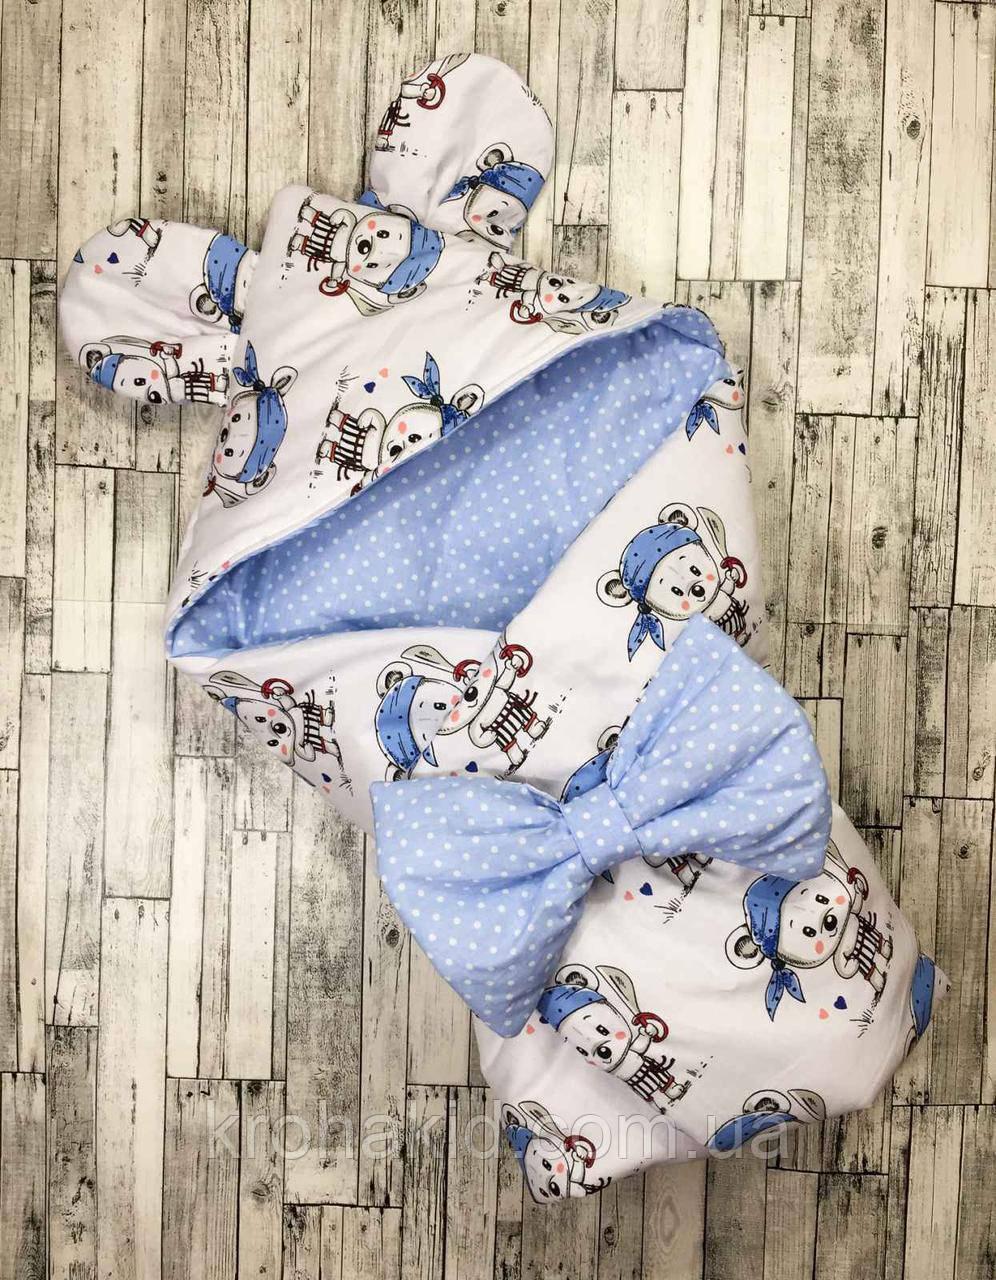 """Детский летний конверт на выписку """"Ушки"""", конверт-одеяло, нарядный конверт на выписку (Лето)"""